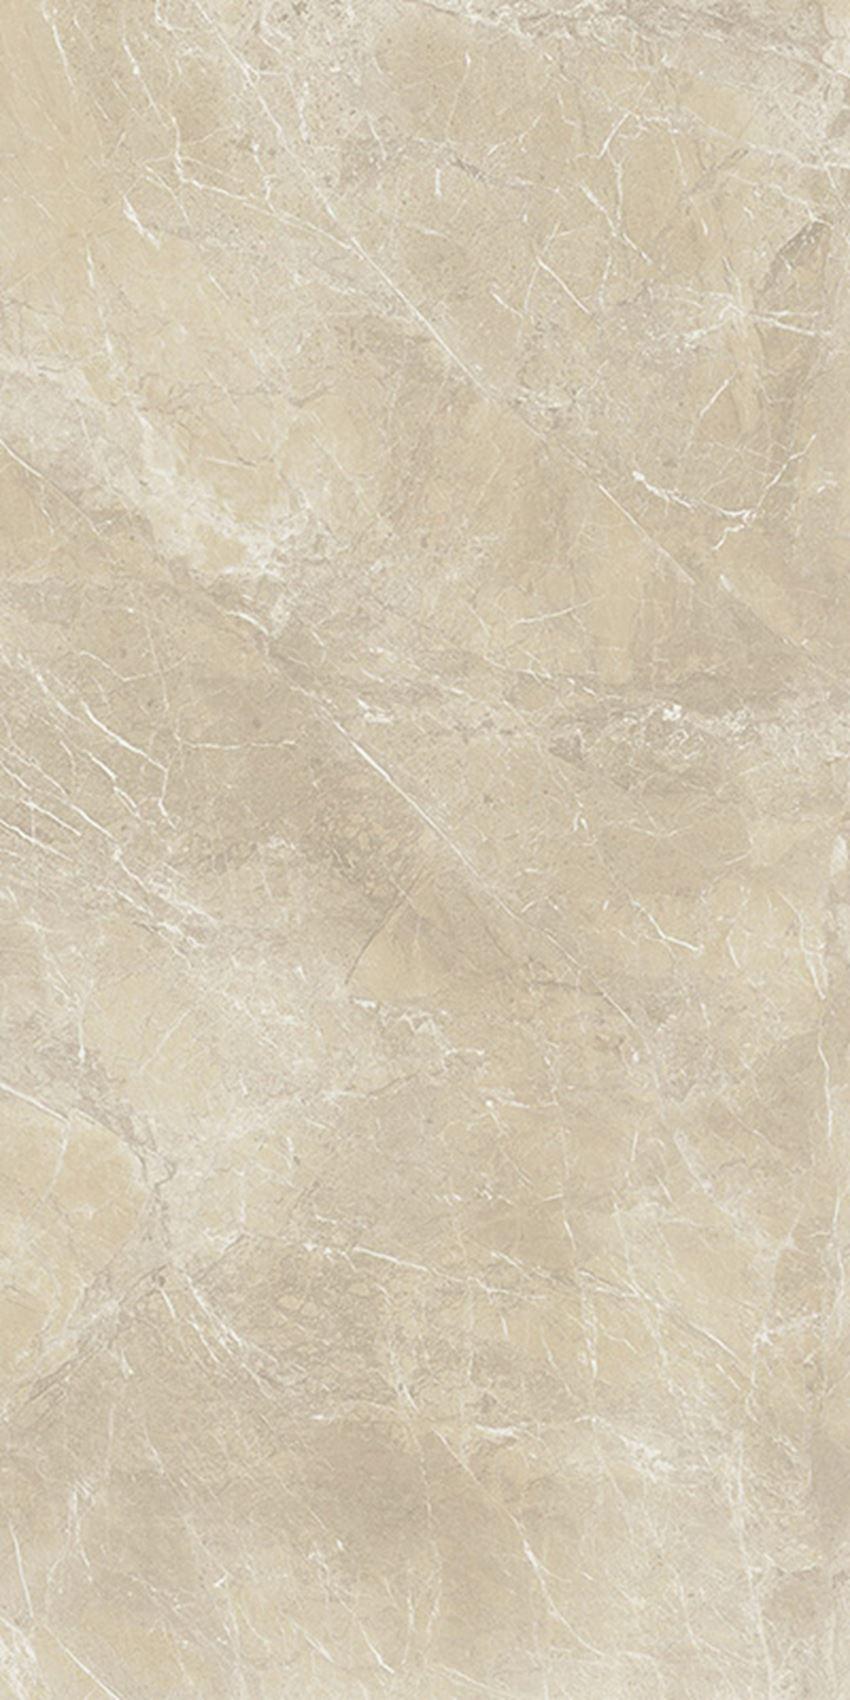 Płytka ścienno-podłogowa 89,8x179,8 cm Paradyż Tosi Beige Gres Szkl. Rekt. Mat.